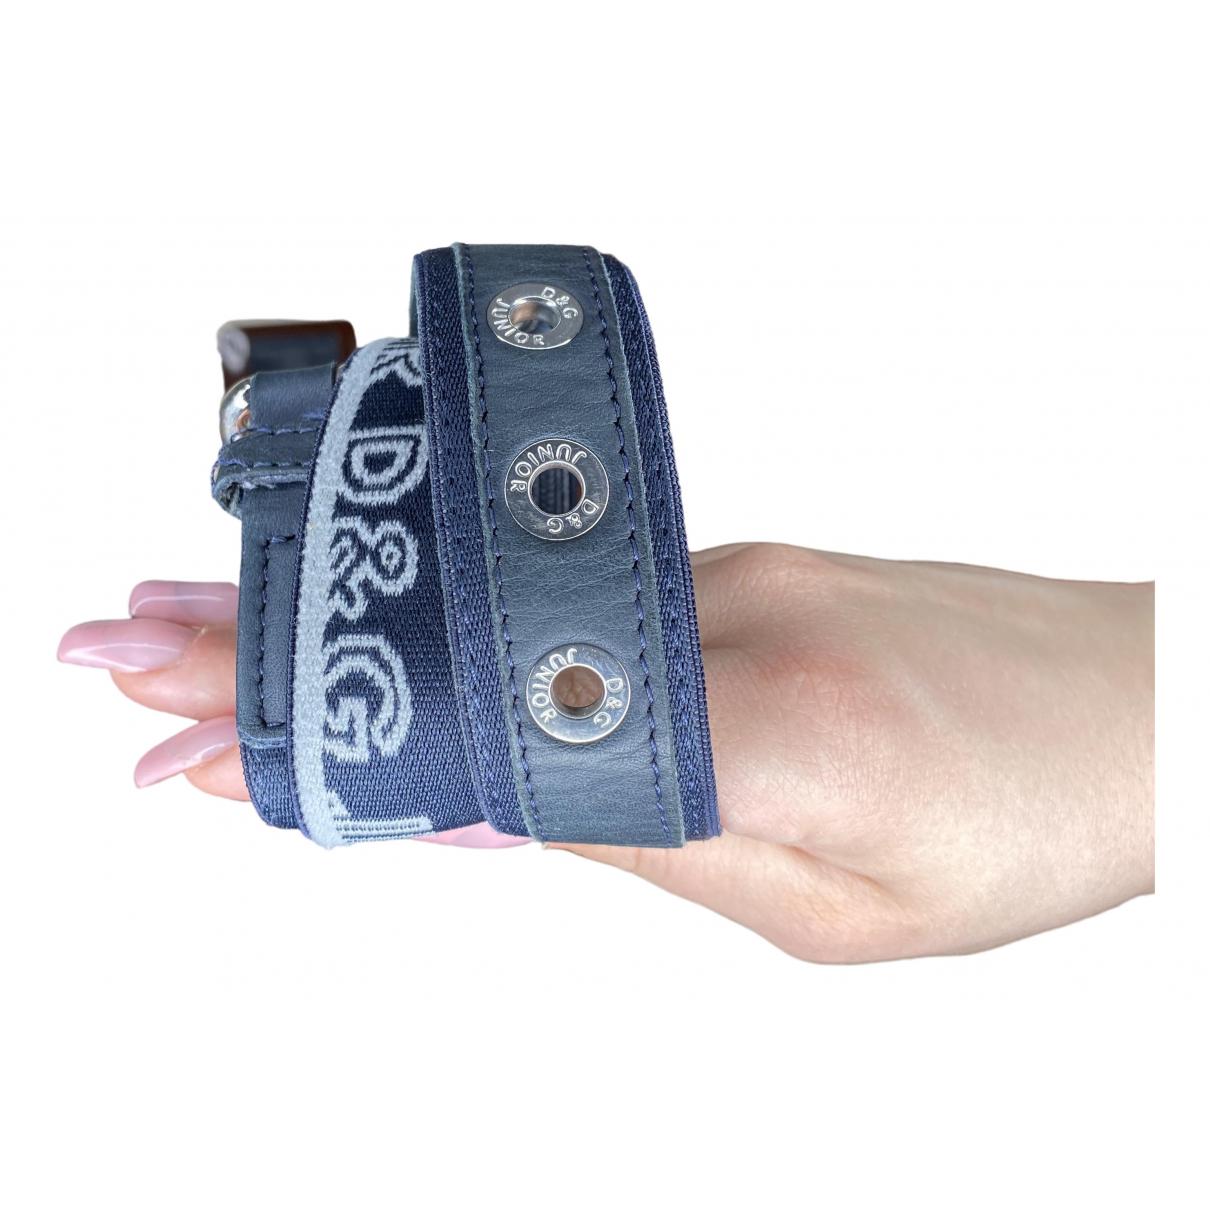 D&g \N Blue Suede belt.Suspenders for Kids \N